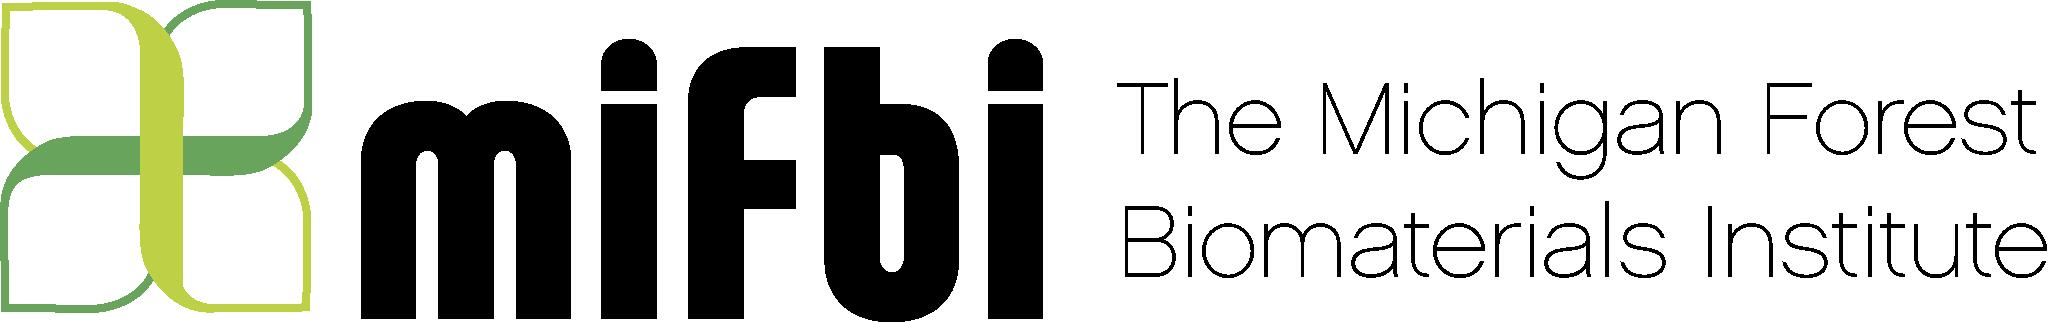 MiFBI